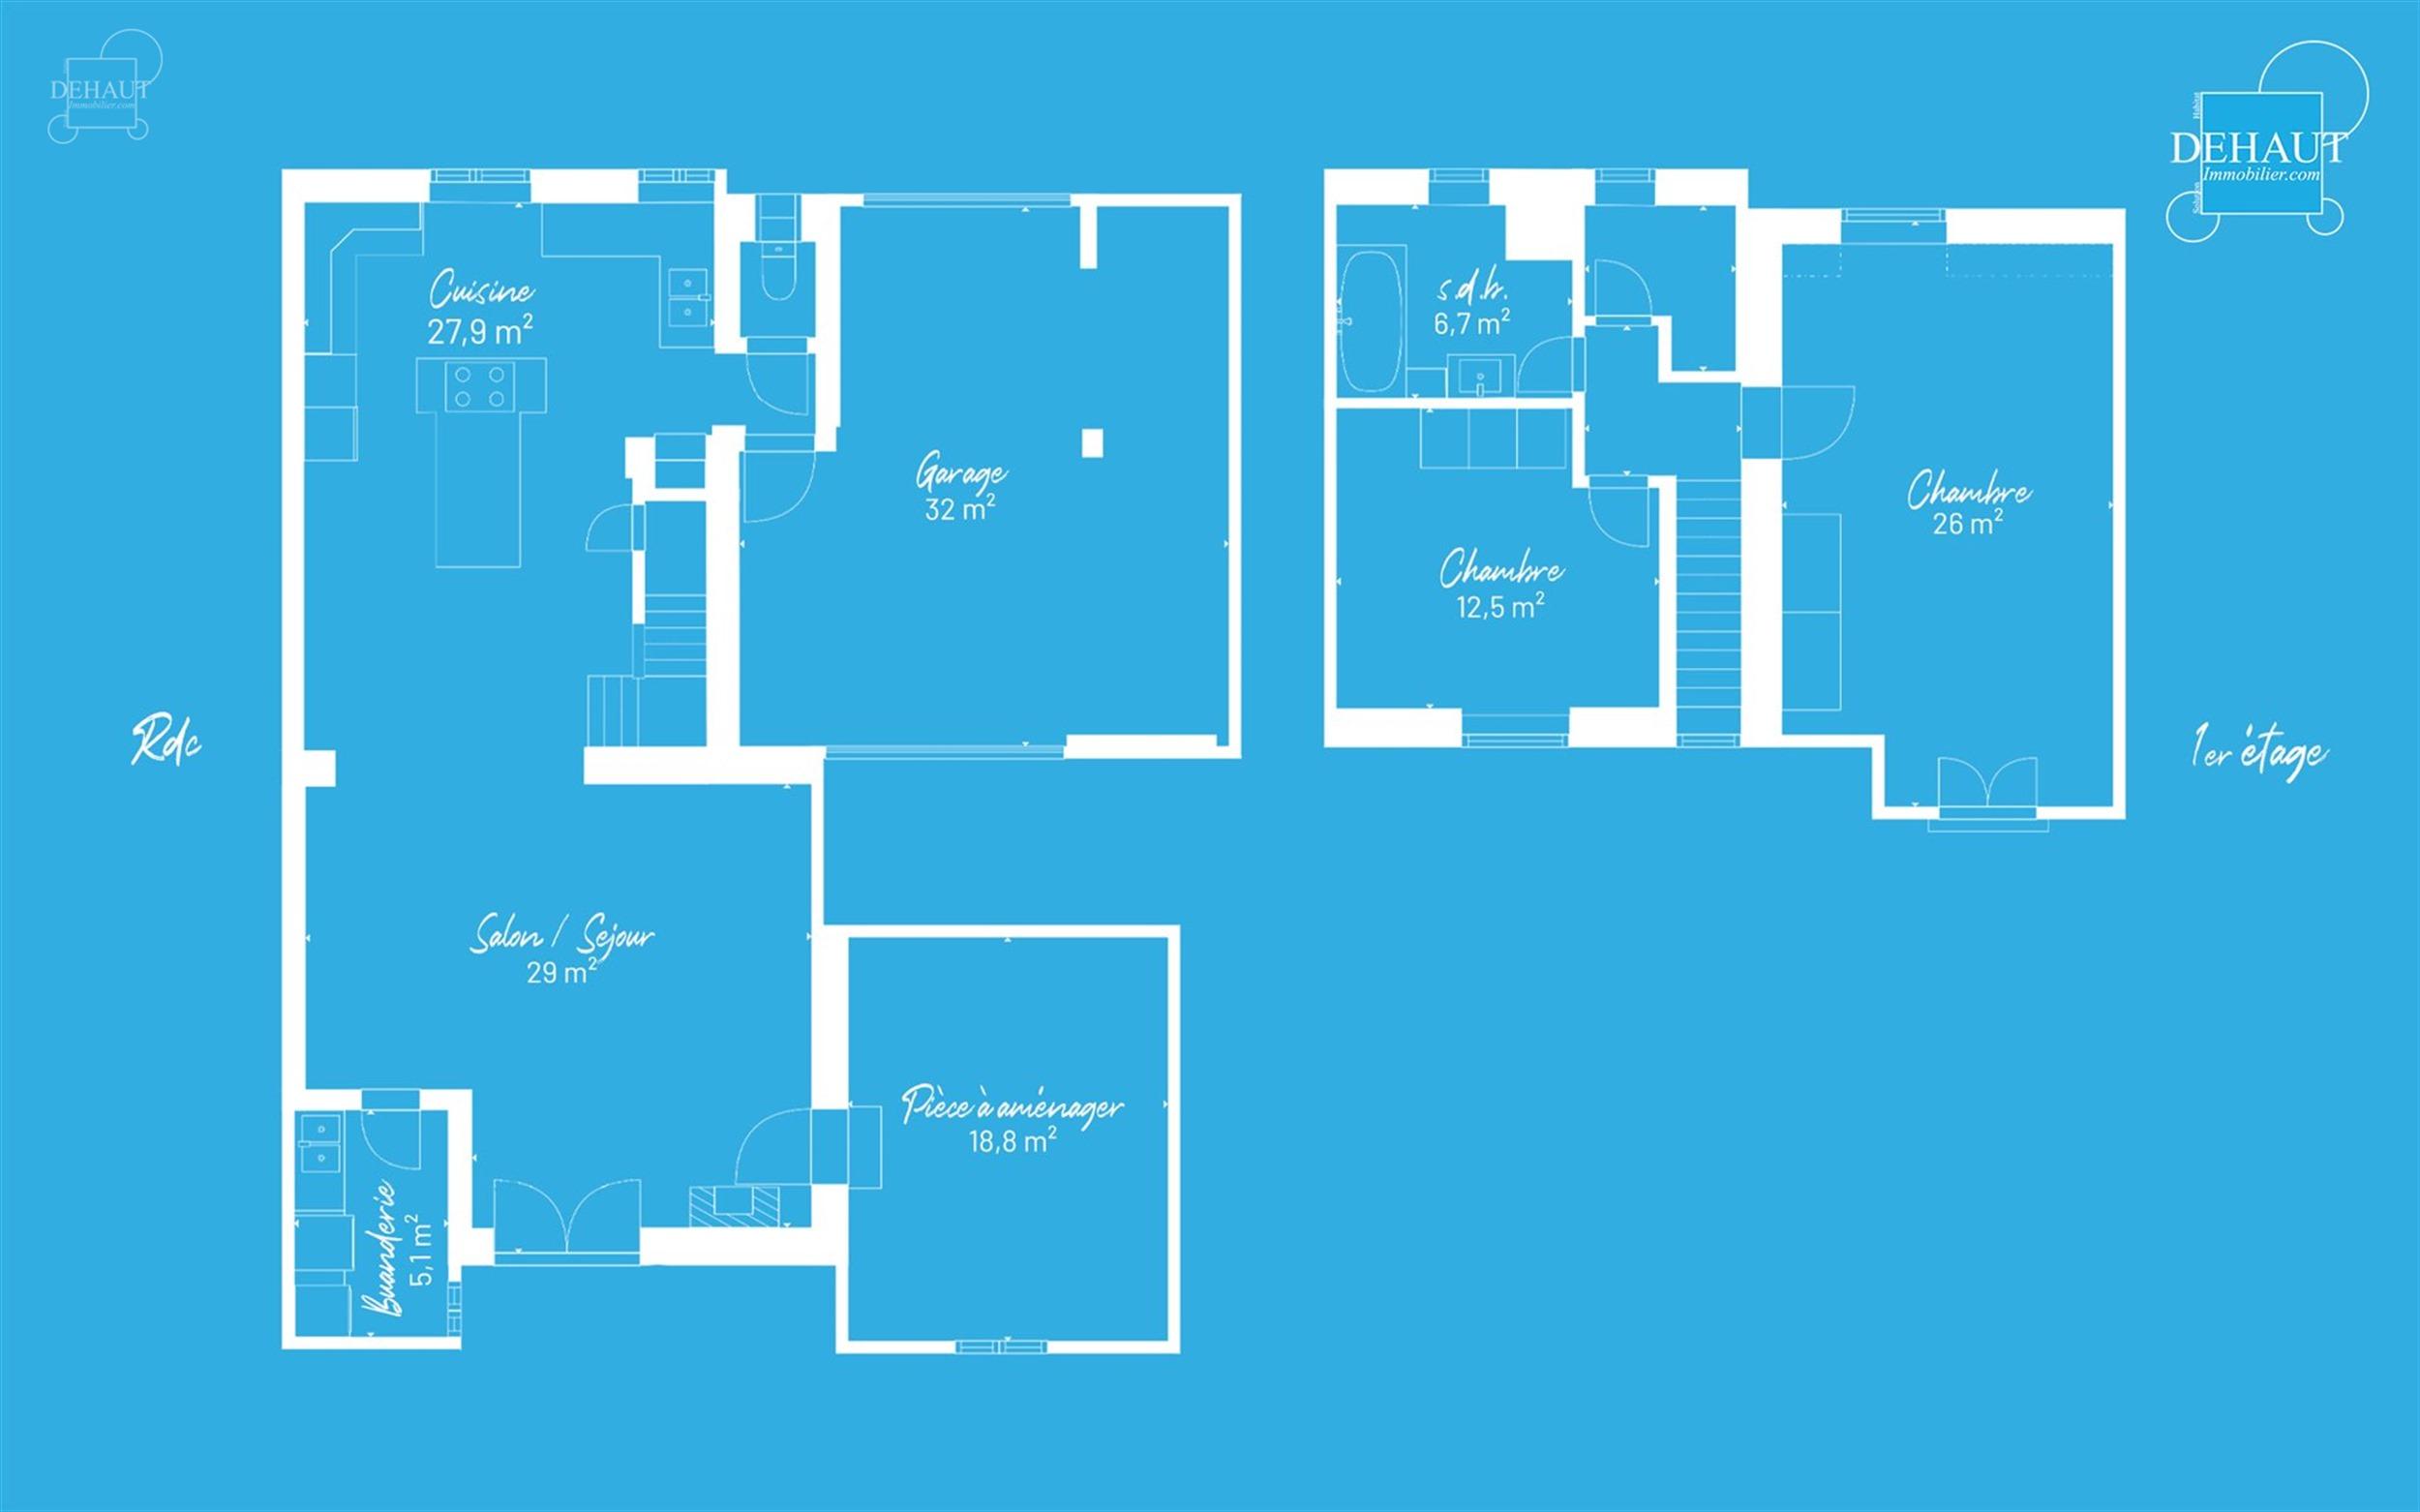 Superbe maison rénovée proposant un magnifique espace de vie comprenant salon, salle à manger ouverte sur une grande cuisine équipée avec ilot ce...